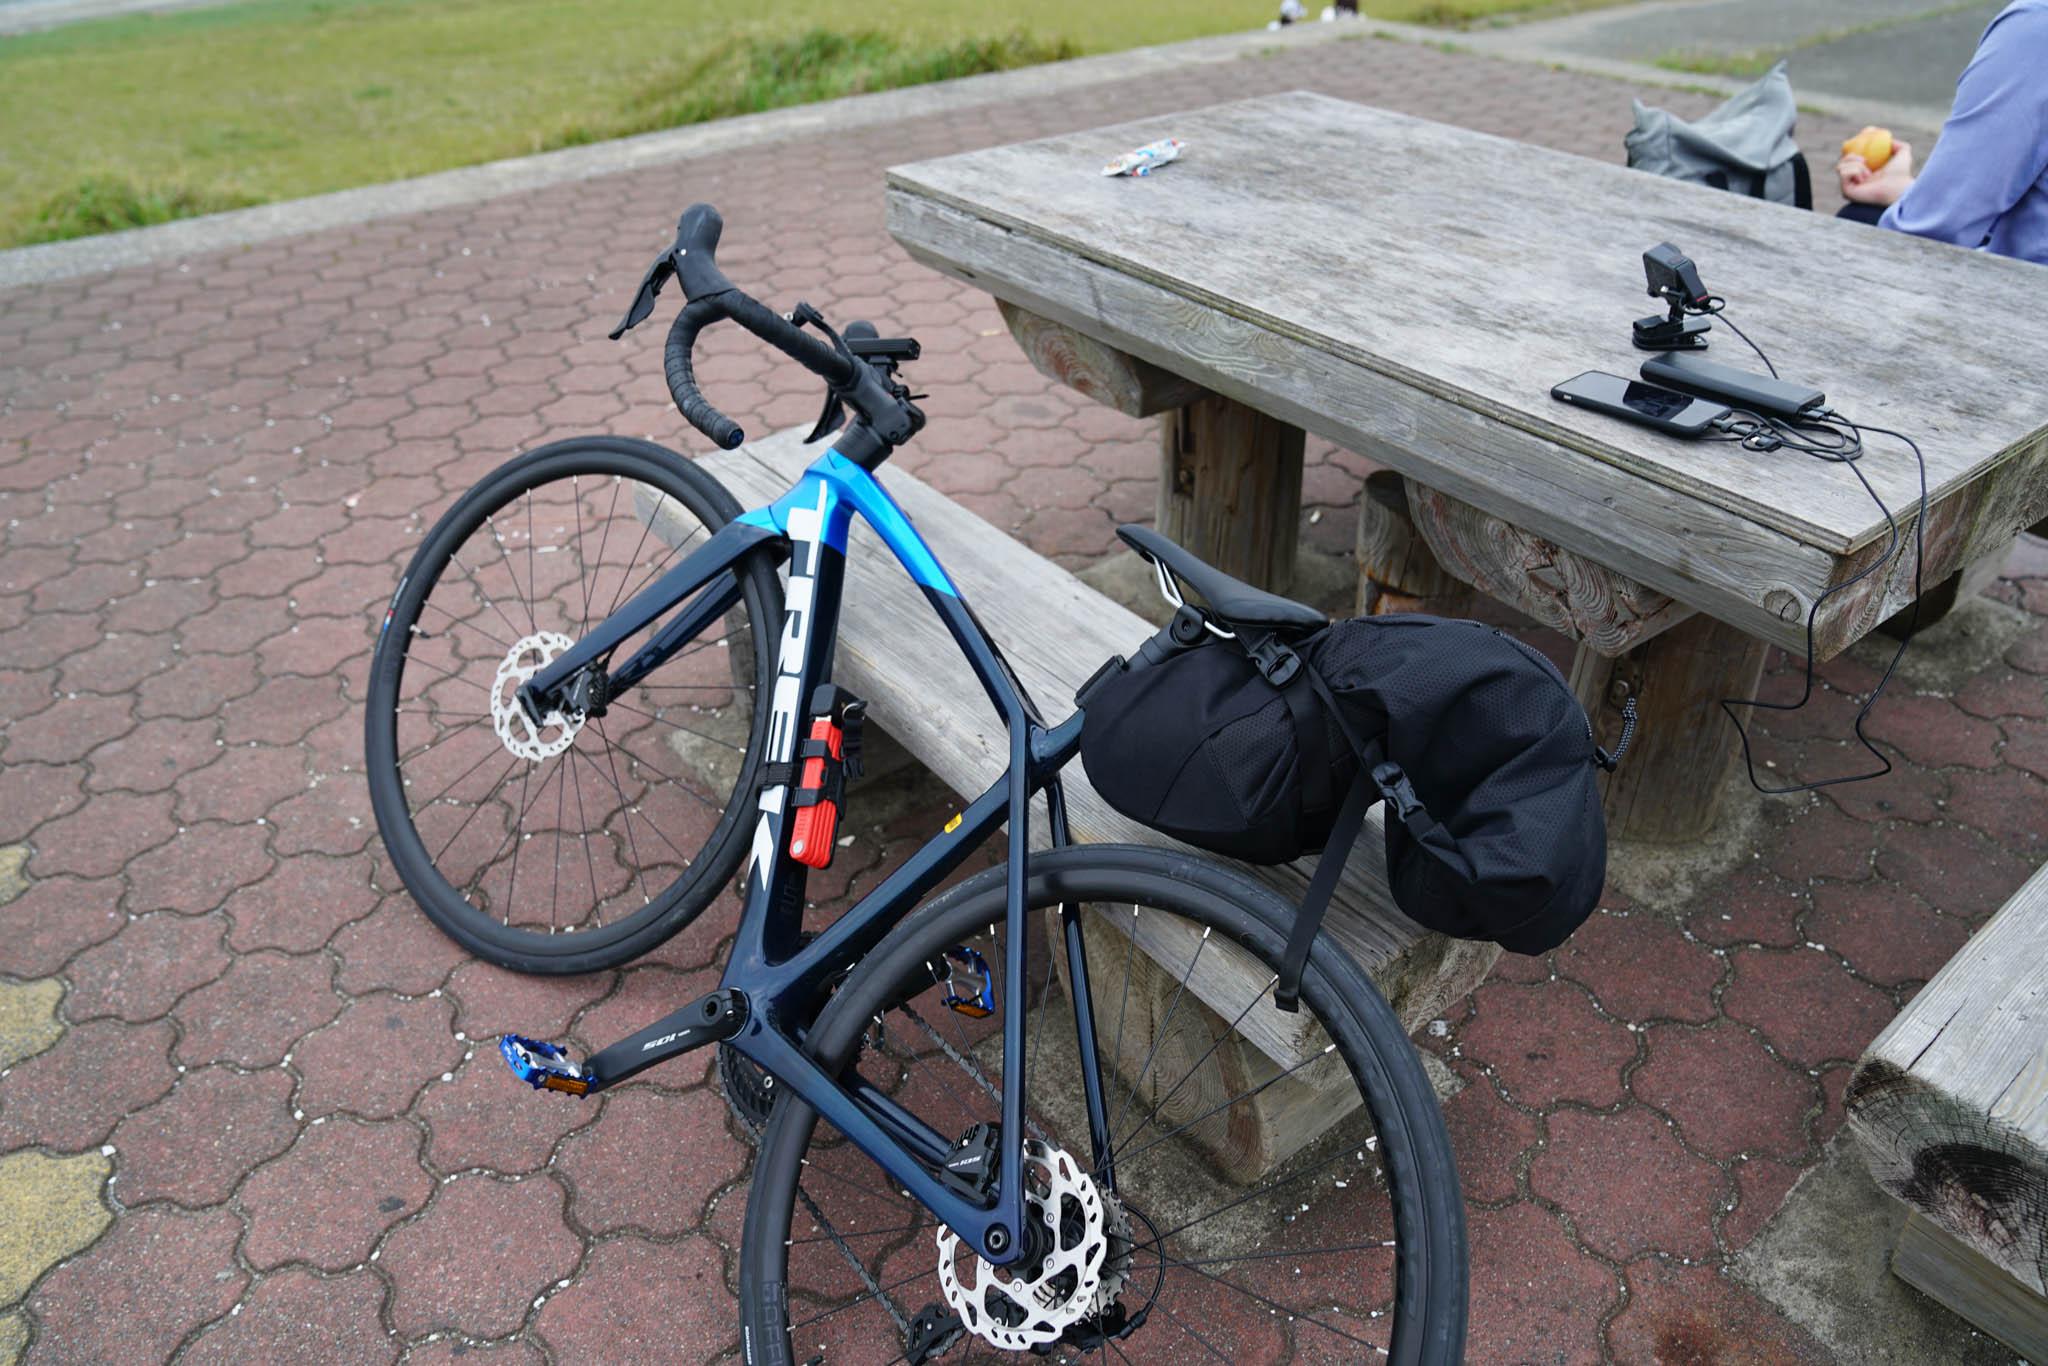 ロードバイク 東京 → 房総半島 / Day1 / 17:00に東京を発 → 21:00 木更津ホテルへ